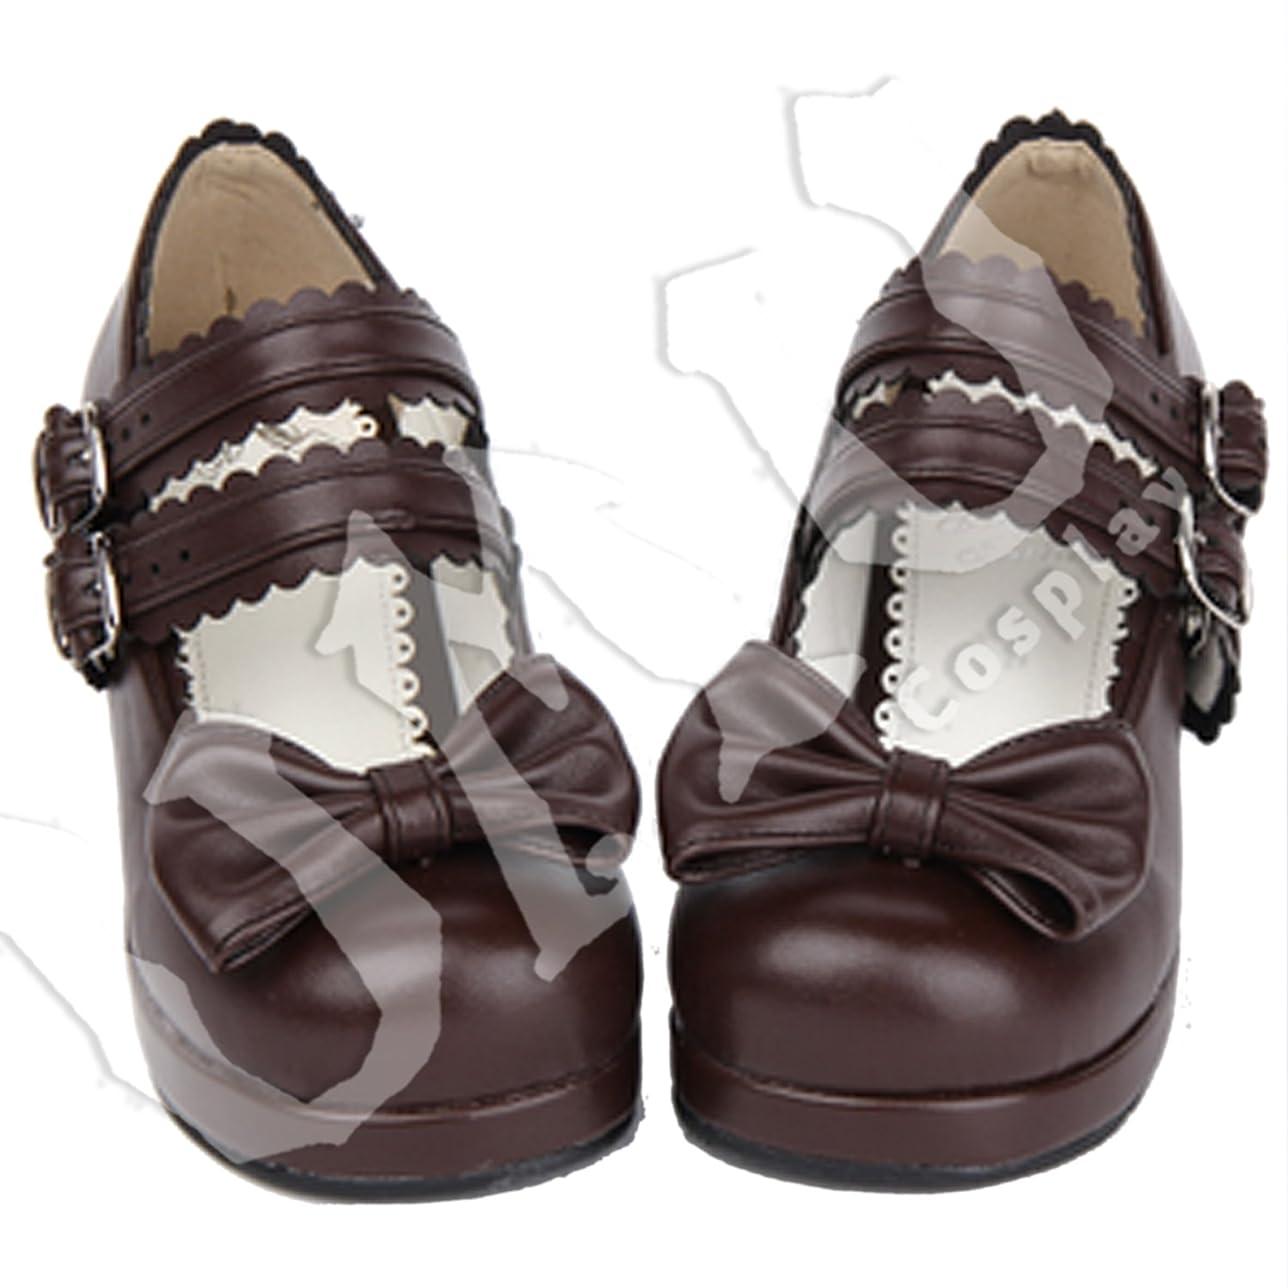 約設定発明する百【UMU】 LOLITA ロリータ ブラウン 可愛い 日常 風 靴 ブーツ ブーティ オーダーメイド(ヒール高、材質、靴色は変更可能!) (足27.5cm)